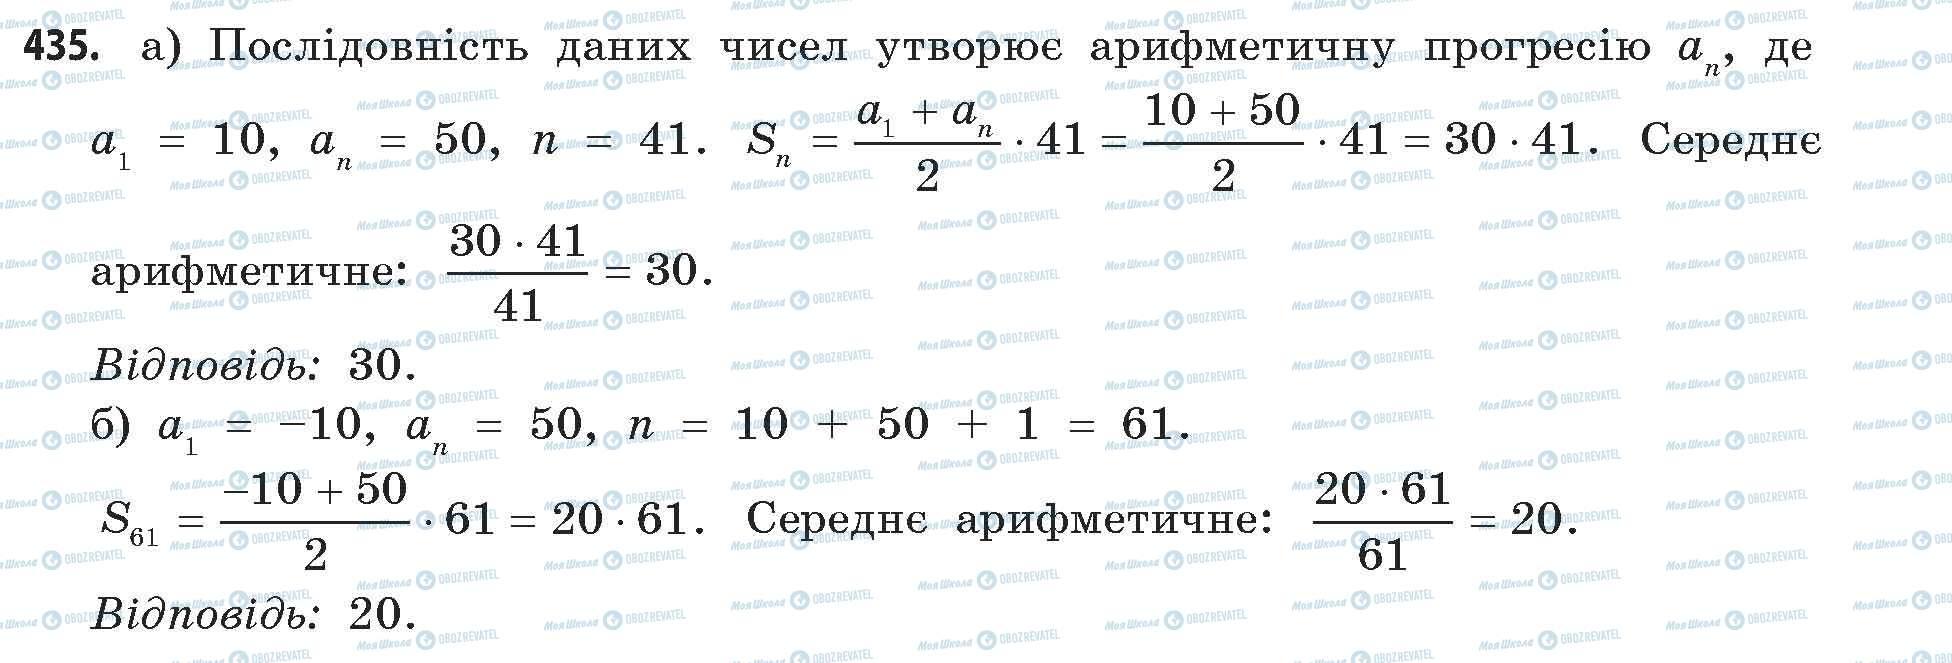 ГДЗ Математика 11 класс страница 435